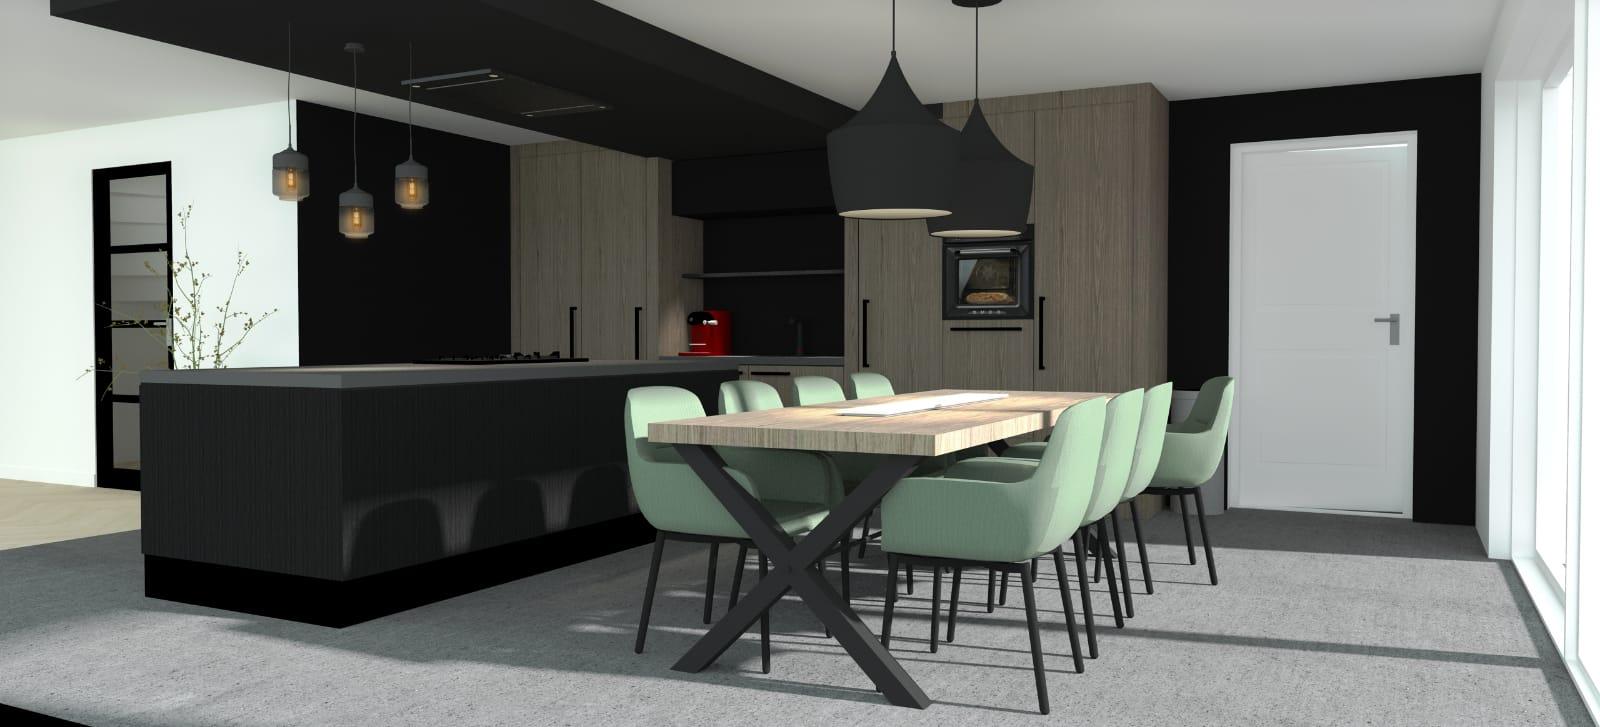 Wij bouwen een huis - keuken